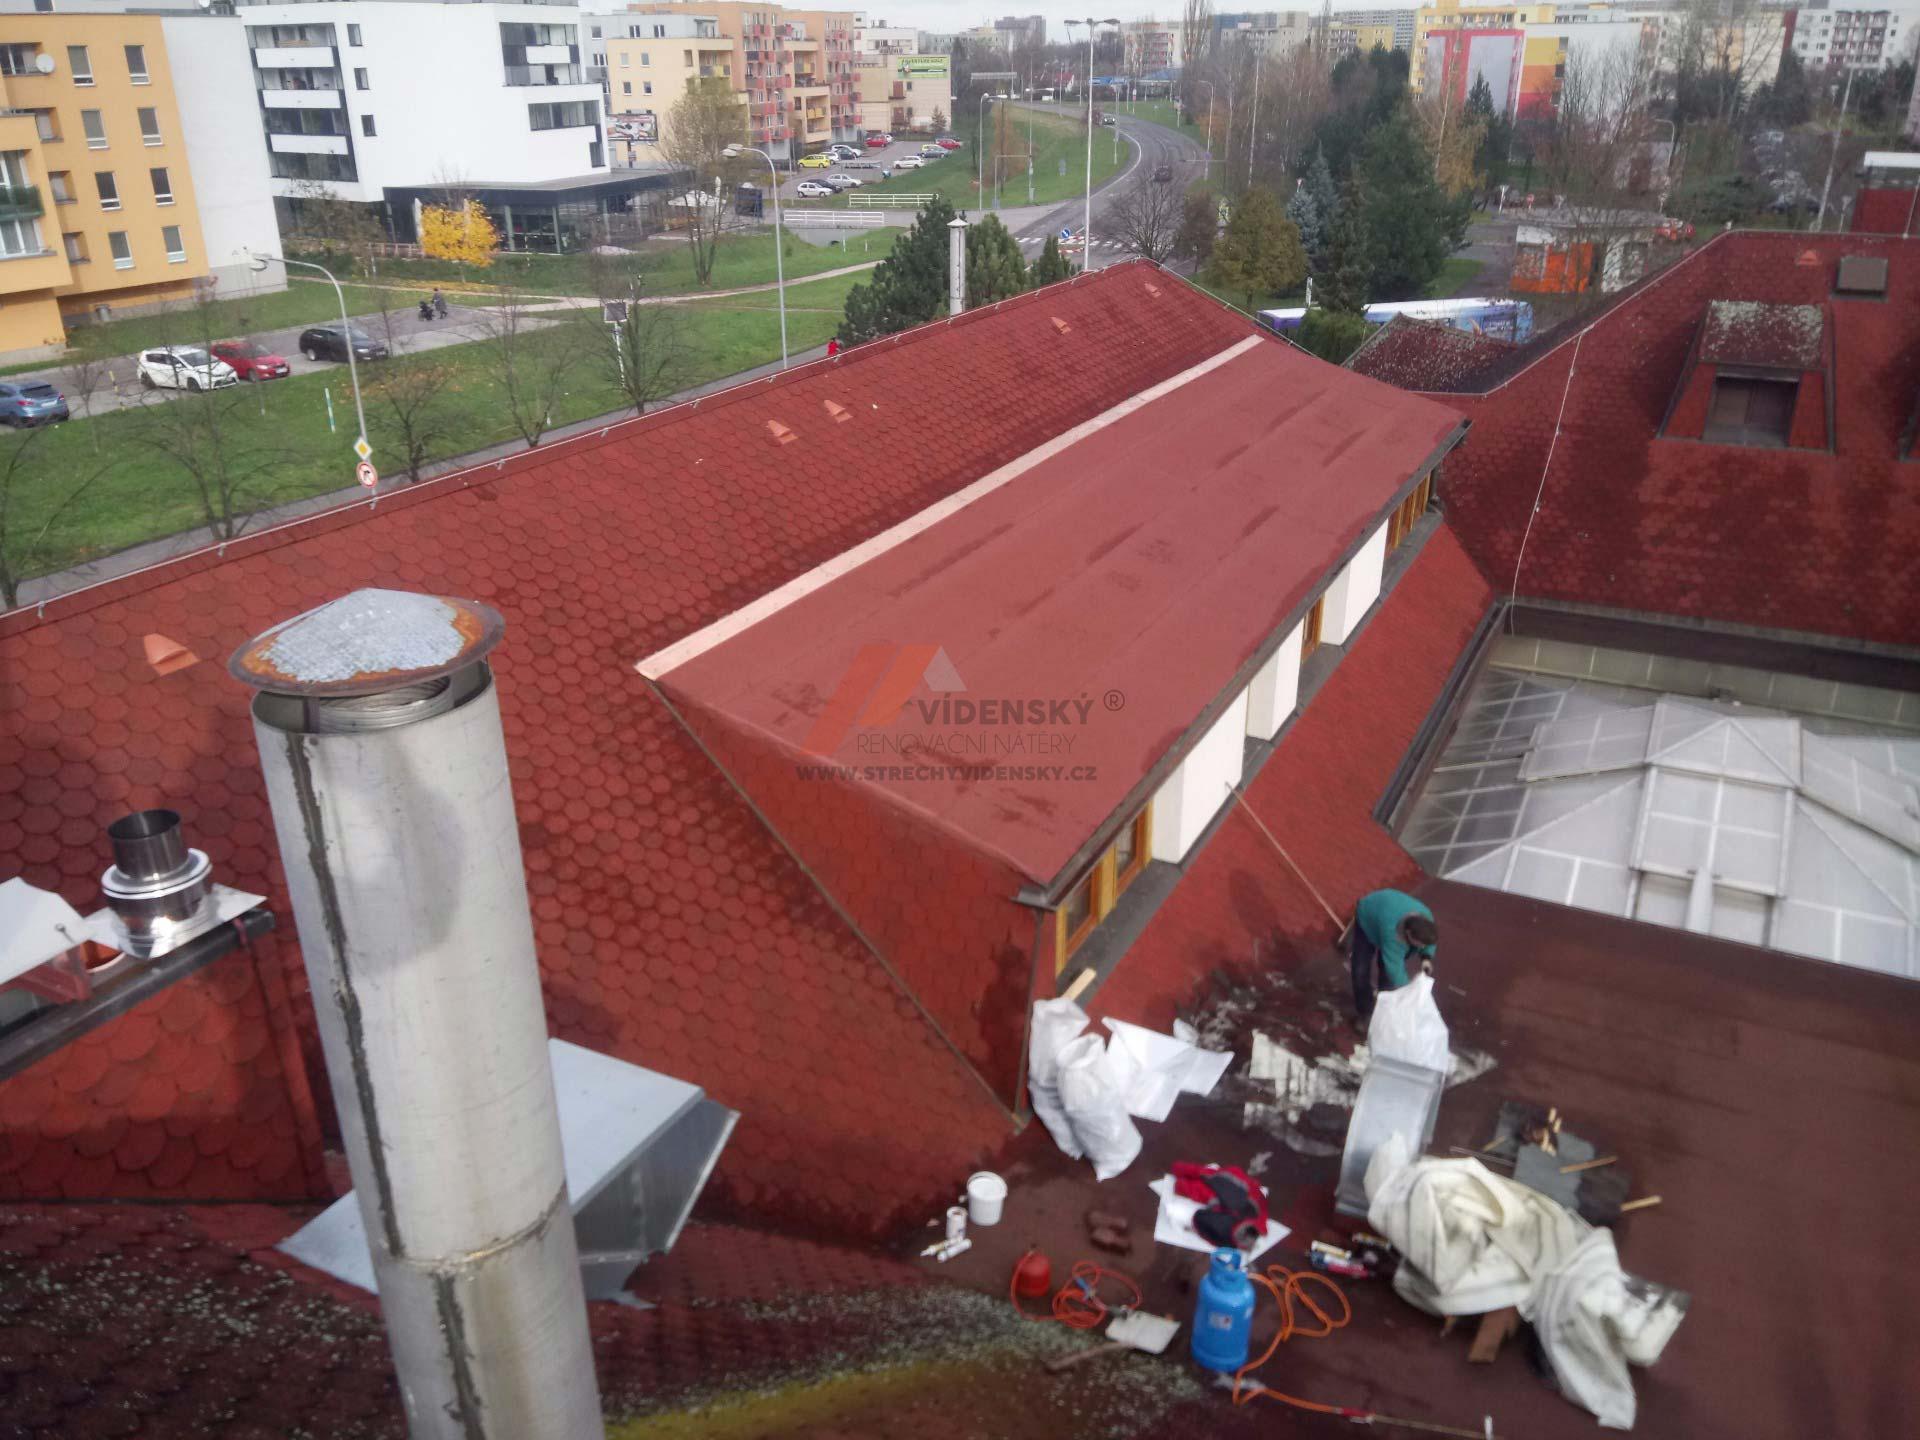 Vídenský   Renovační nátěr šindele 01 - Po renovaci